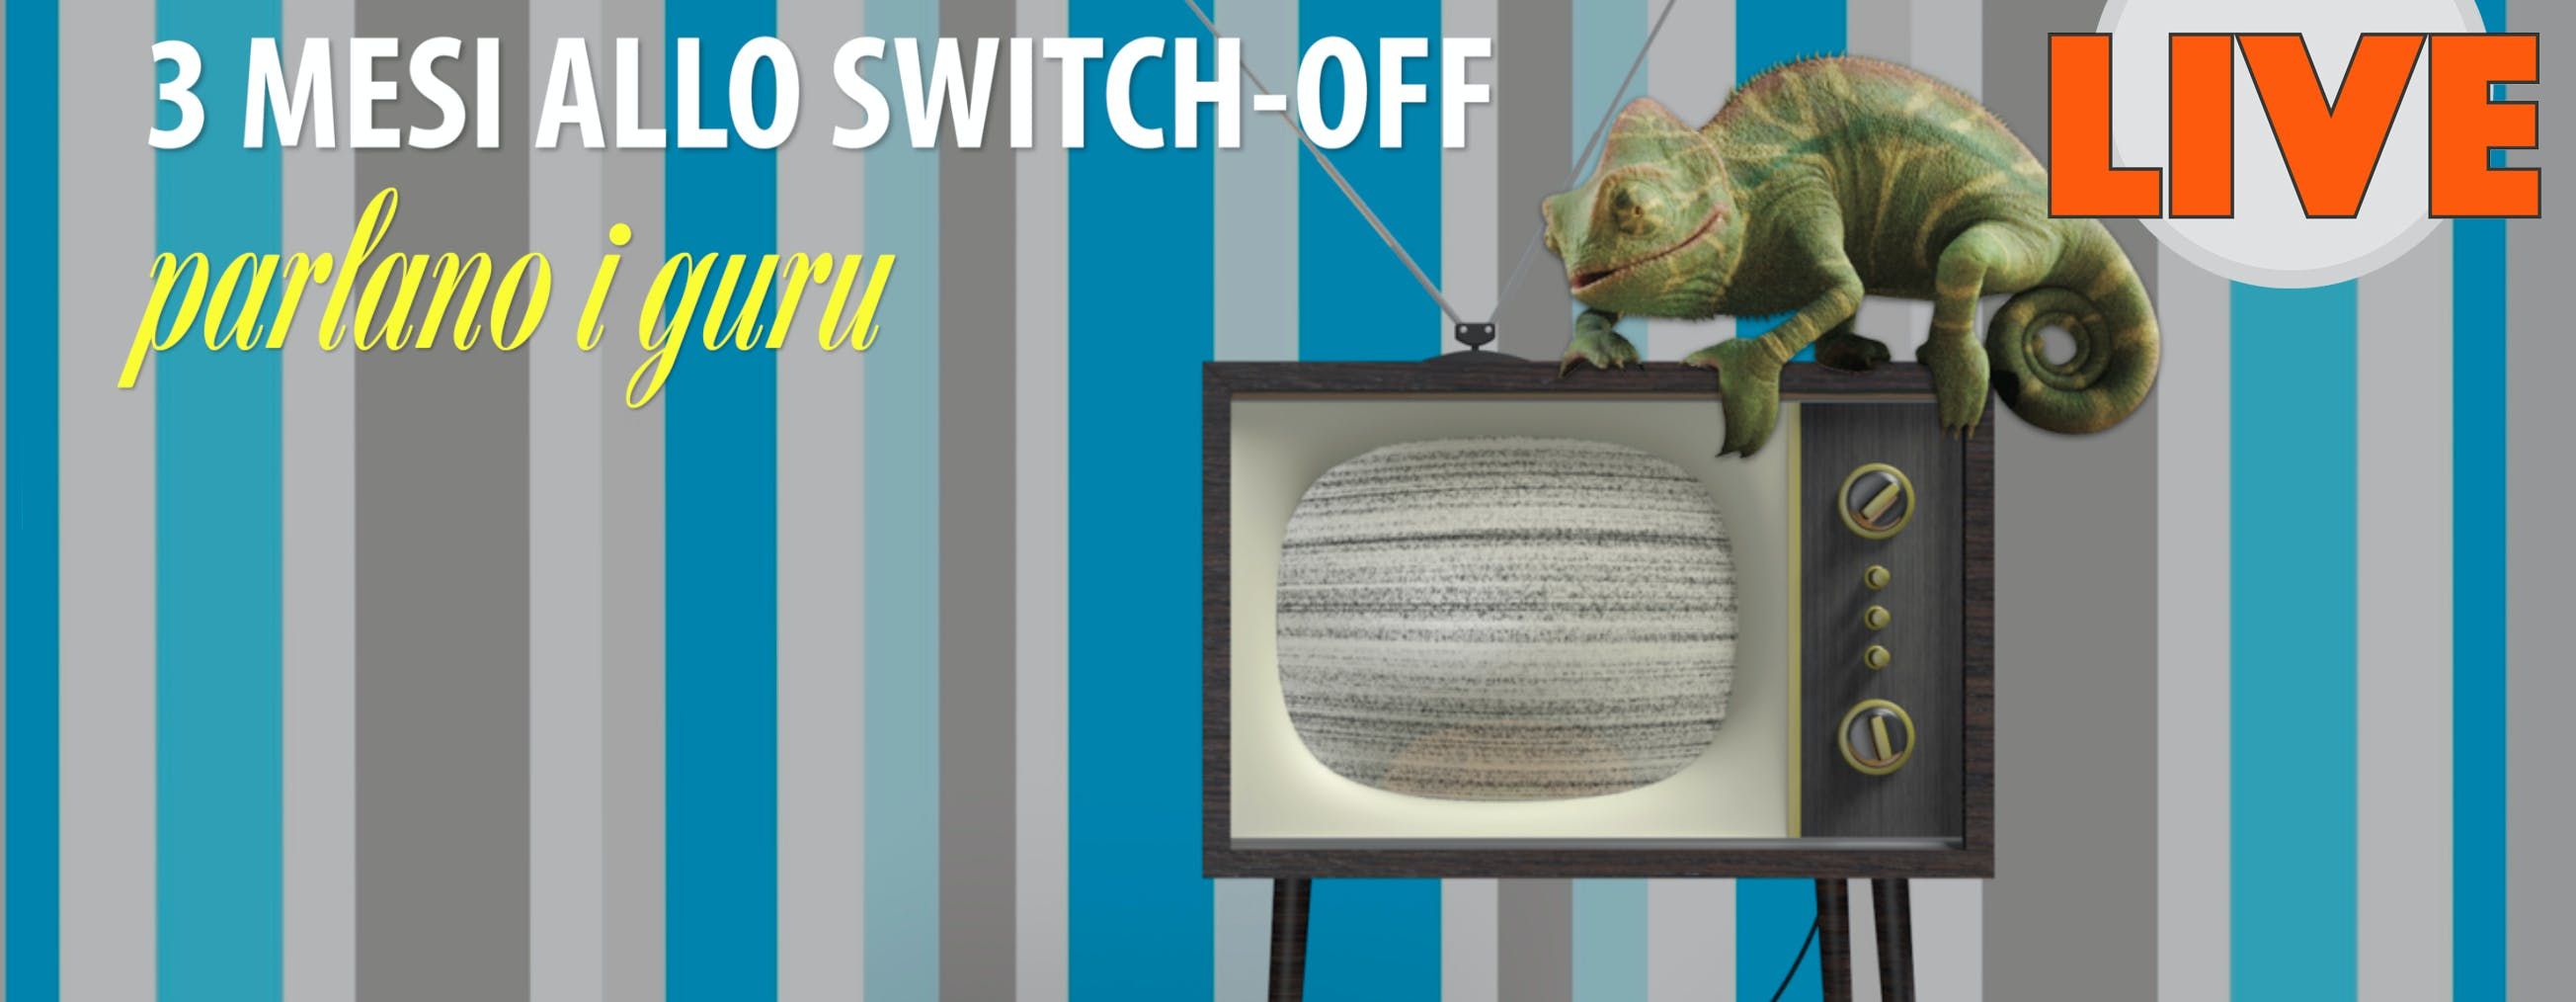 """Domani alle 15 il live """"Tre mesi allo switch-off"""". Tutta la verità sul 1 settembre e sulle altre scadenze del nuovo digitale terrestre"""